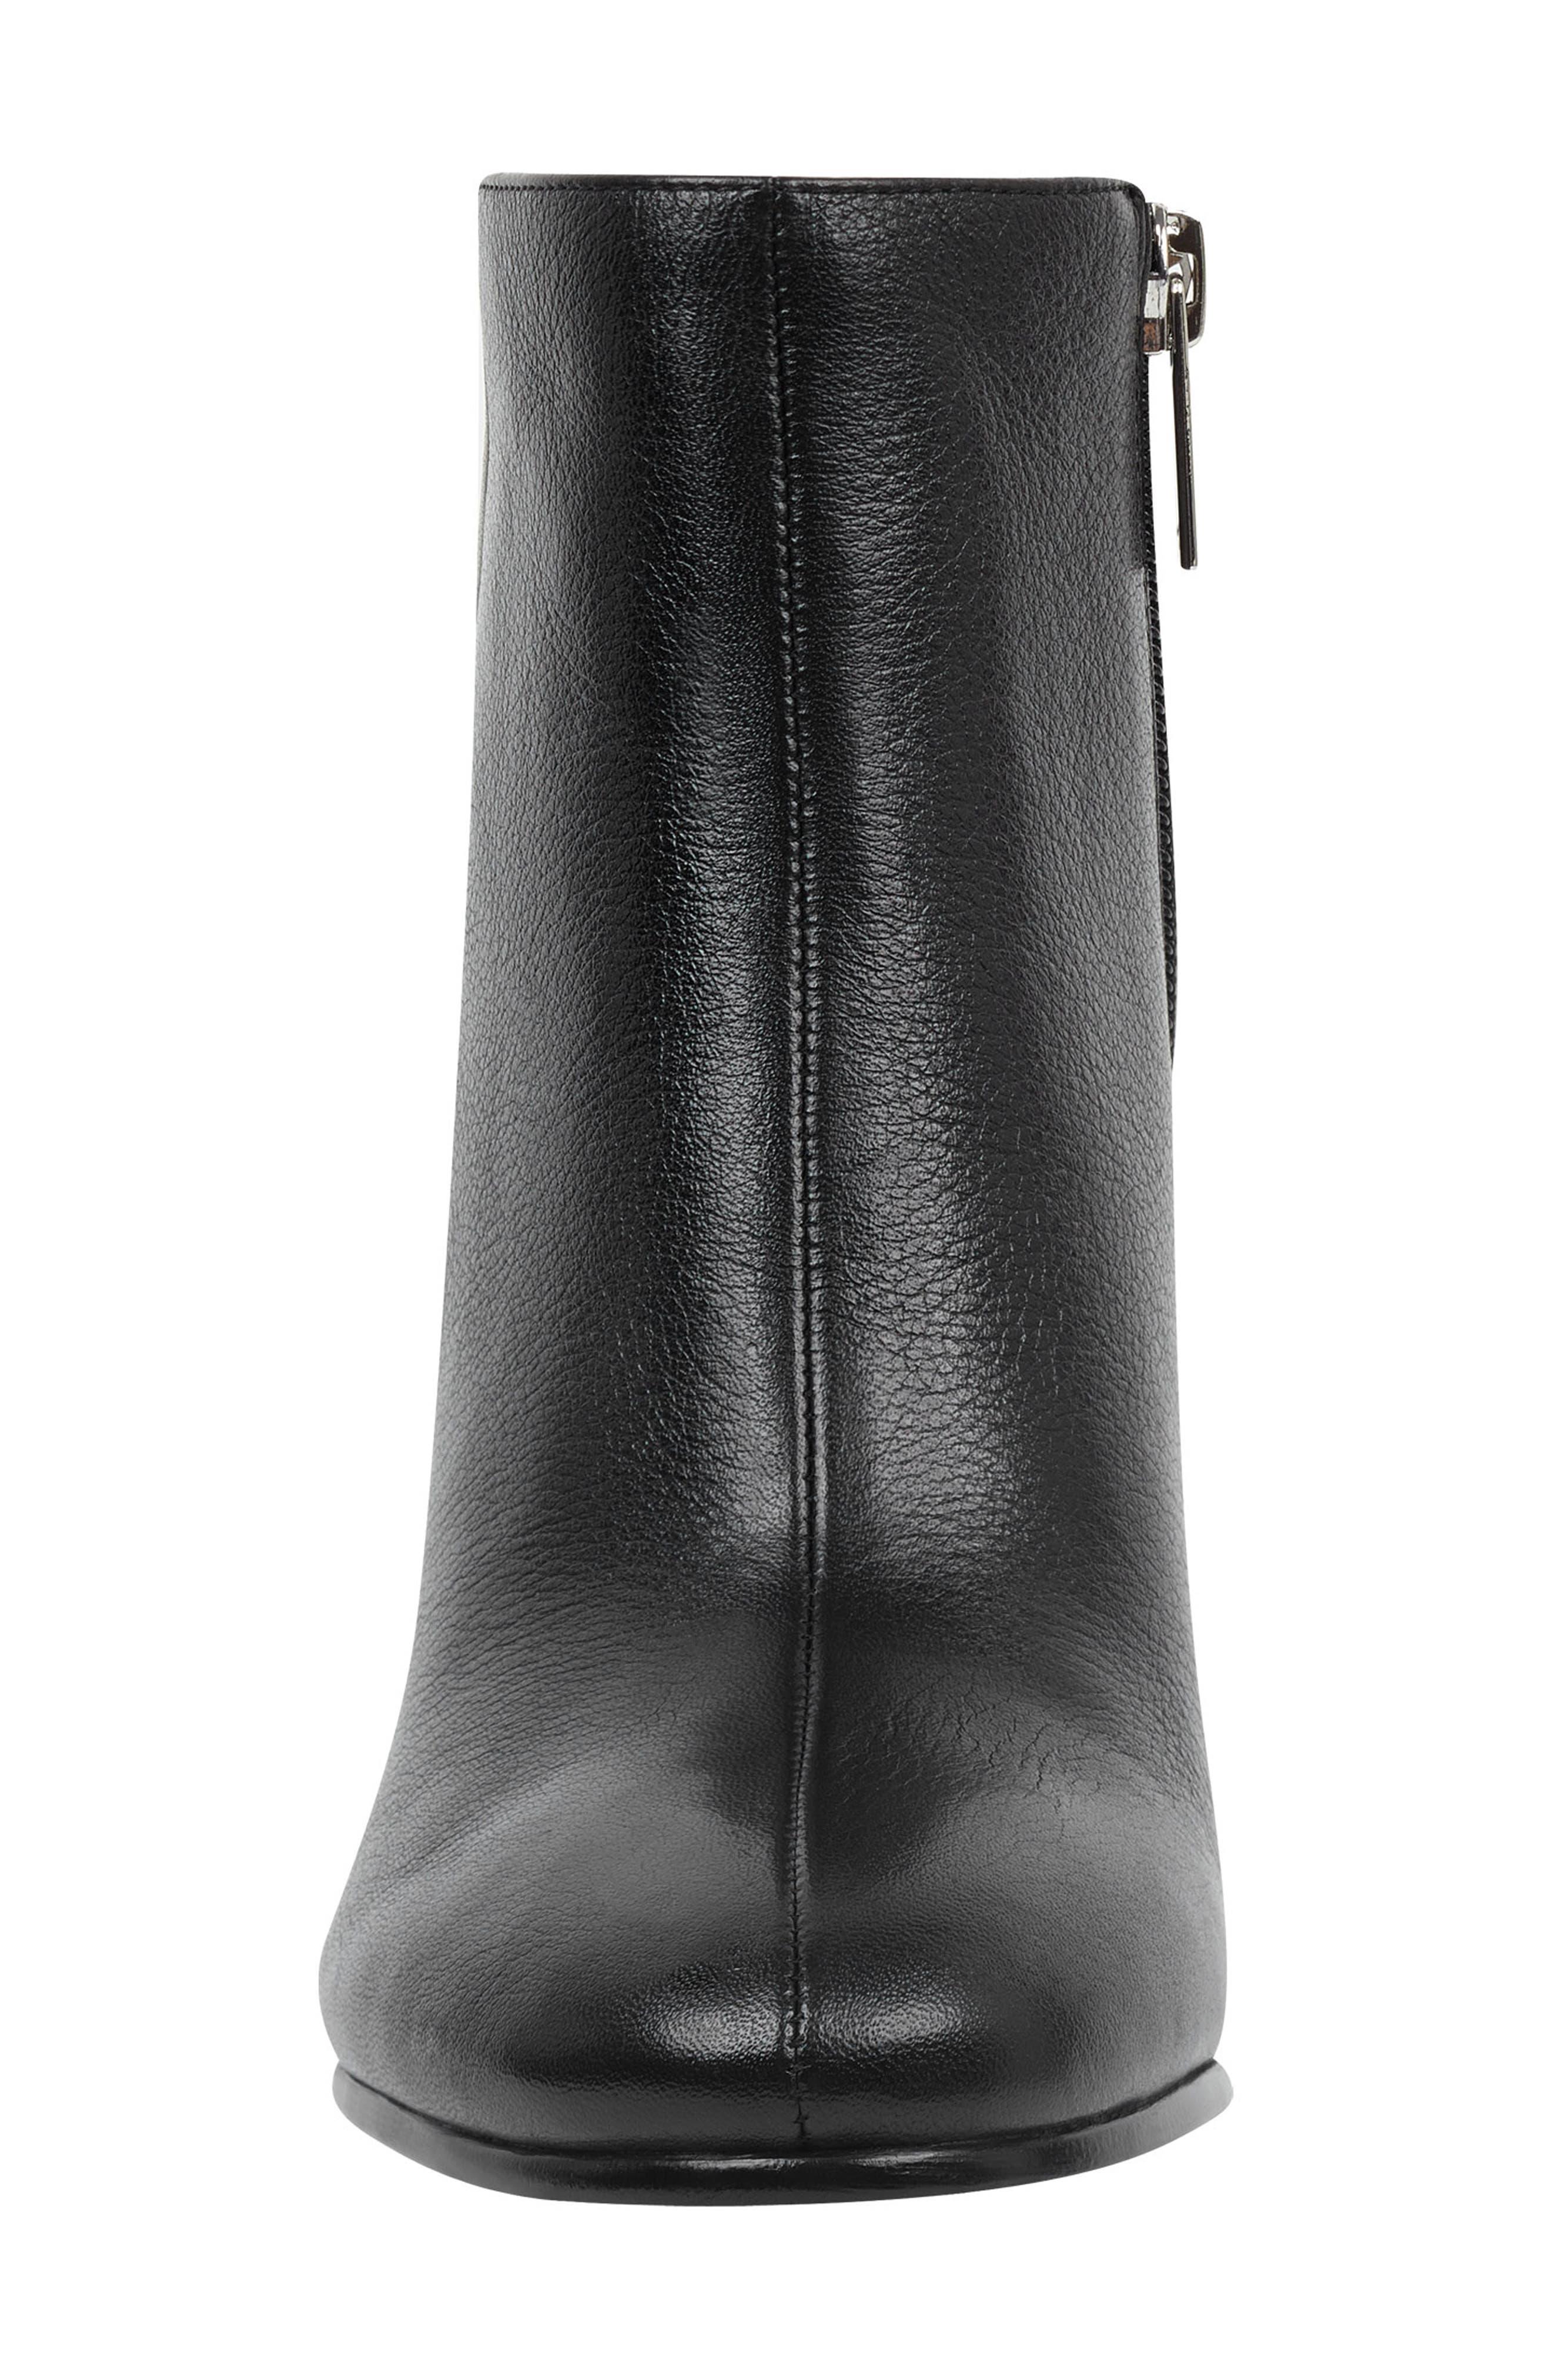 Quella Bootie,                             Alternate thumbnail 3, color,                             Black Leather